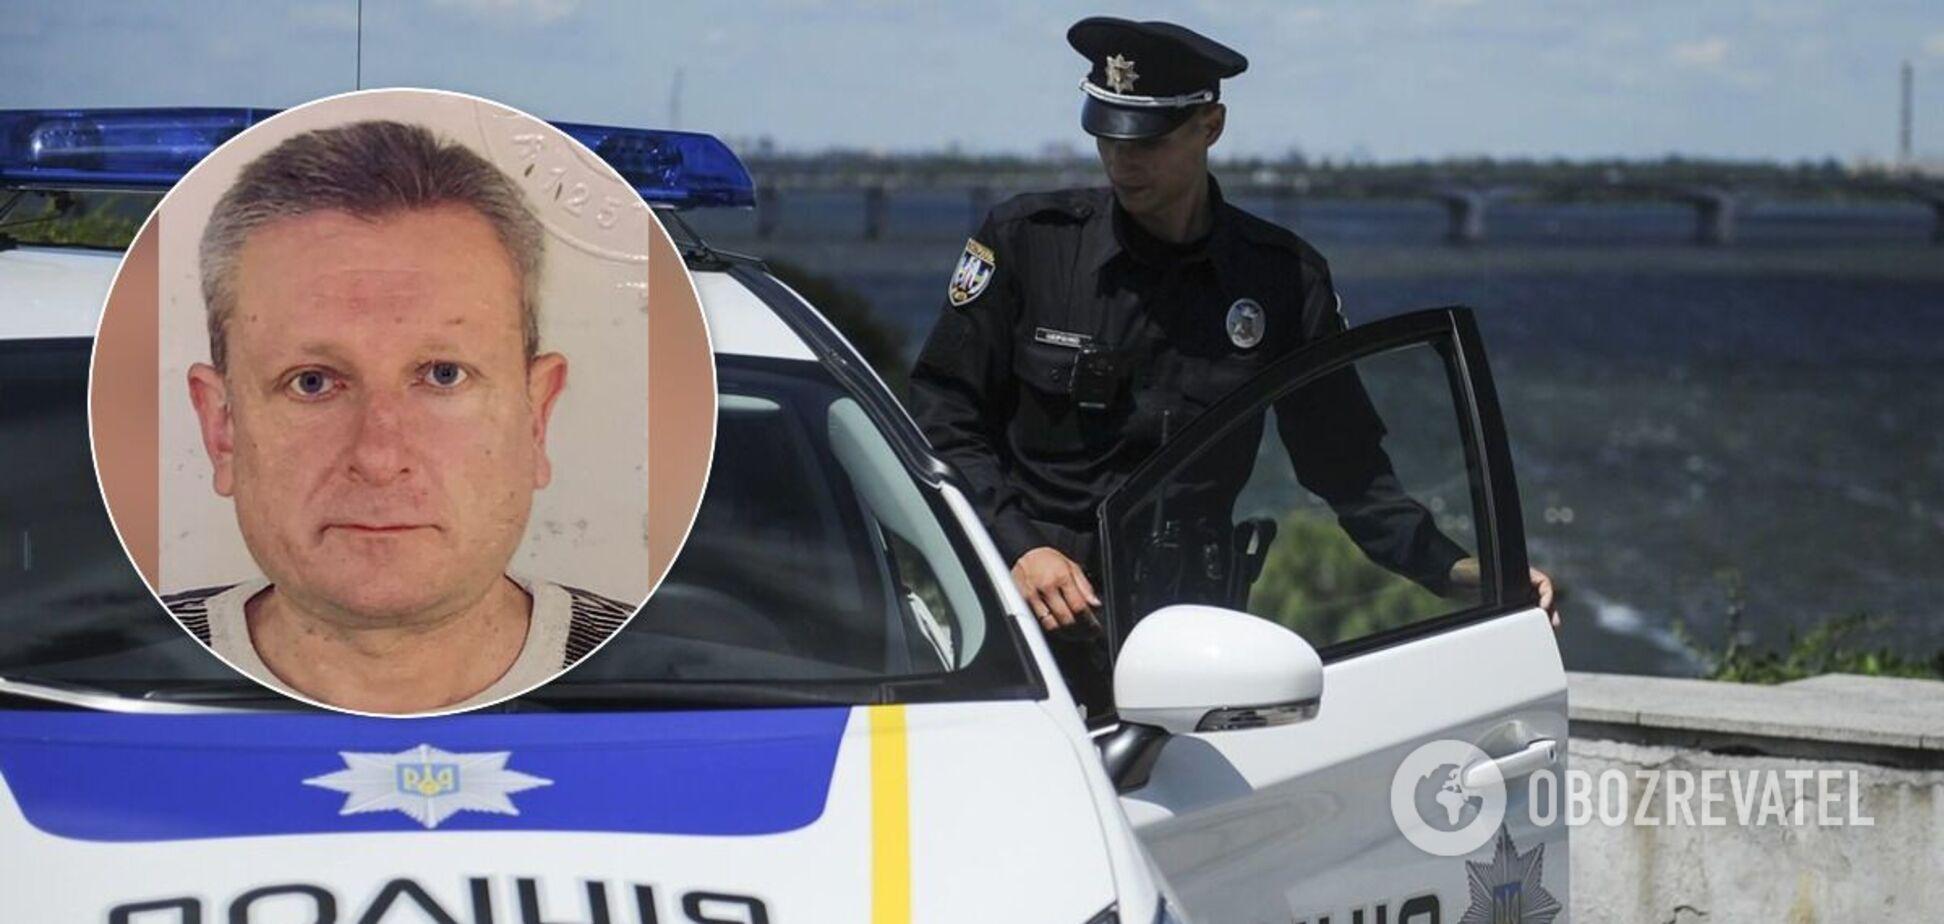 В Днепре разыскивают пропавшего 47-летнего мужчину. Фото и приметы